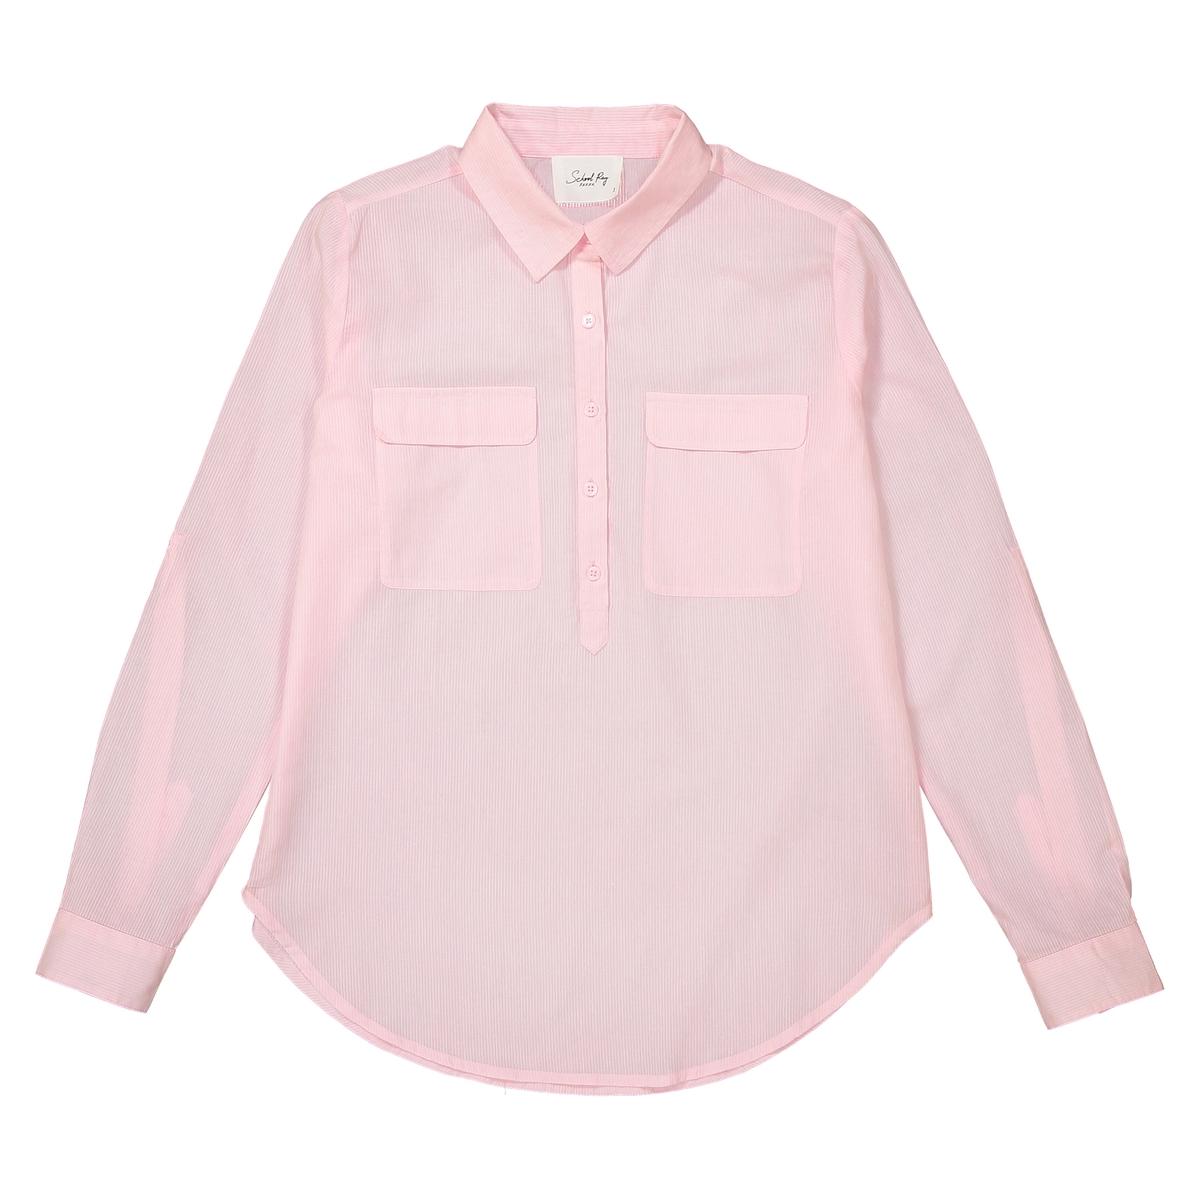 Блузка SCHOOL RAG 4826960 от LaRedoute